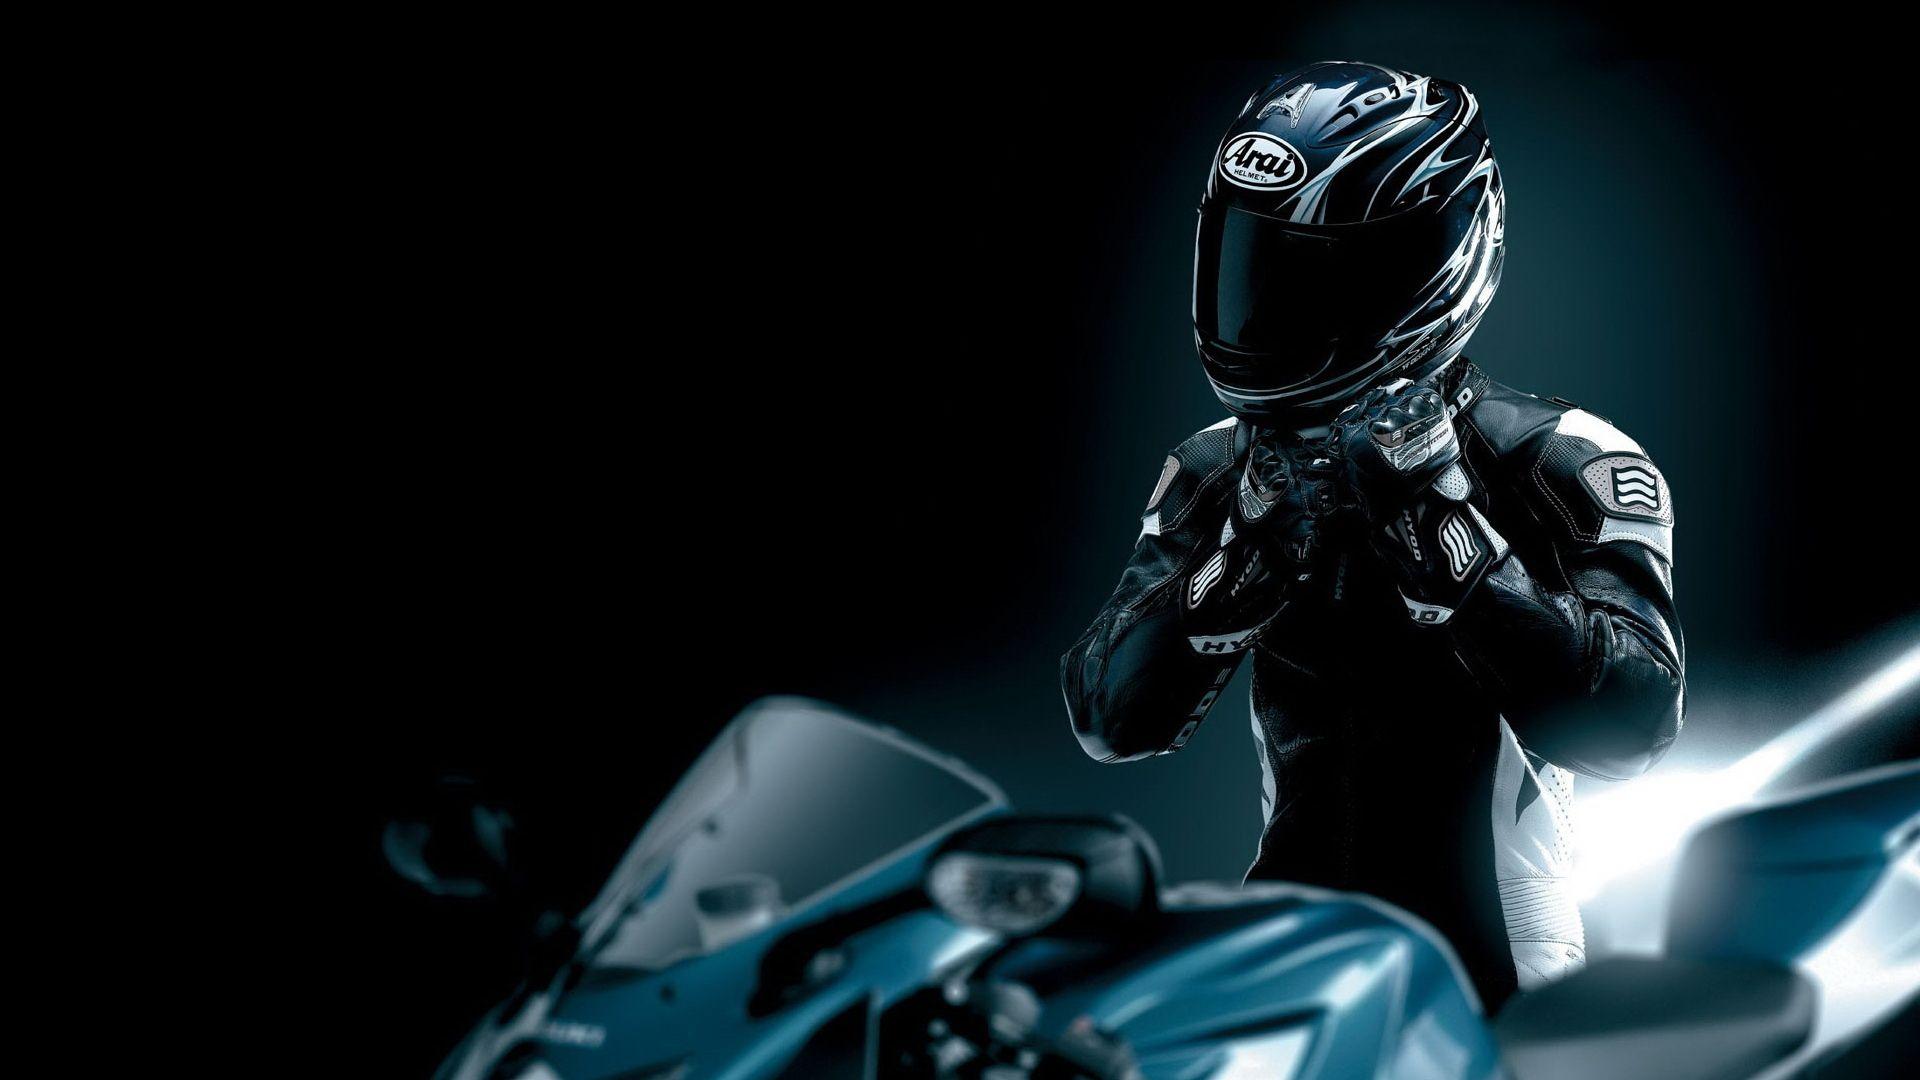 best motorcycle helmet reviews Cool motorcycle helmets 1920x1080